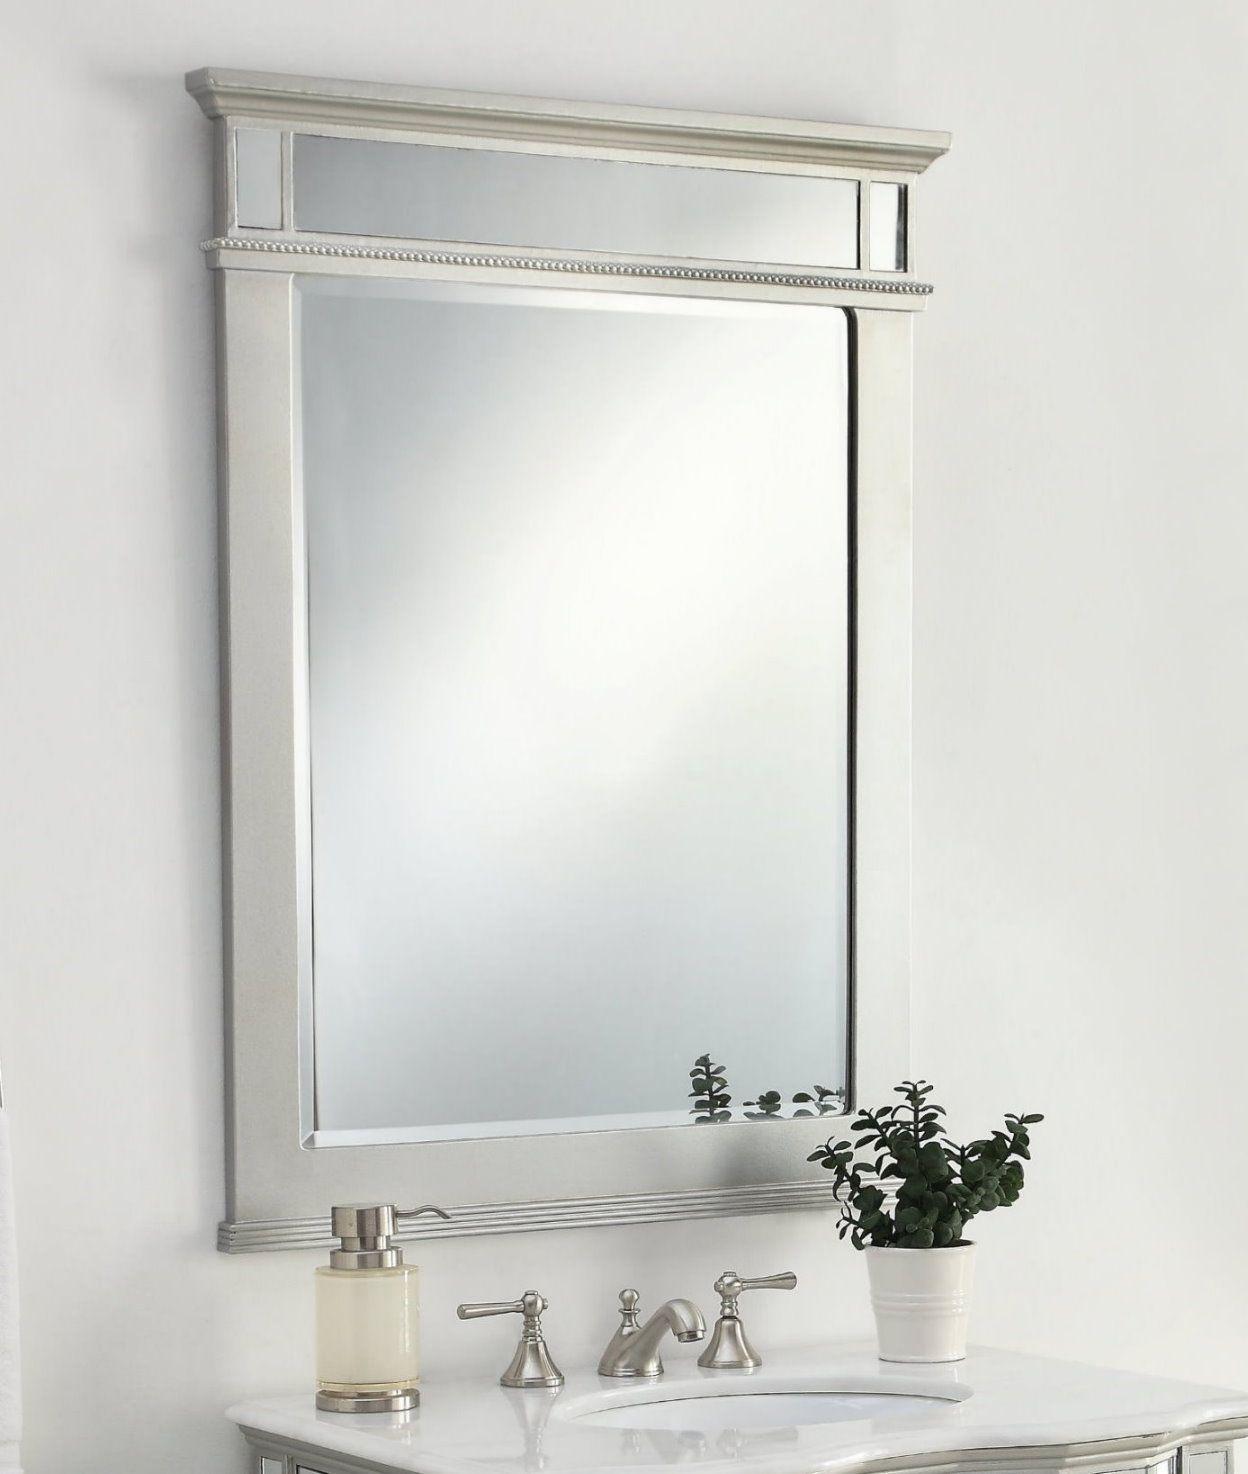 All Mirror Ashley Mirror Size 30 X 40 H Modern Style Bathroom Mirror Wall Mirror